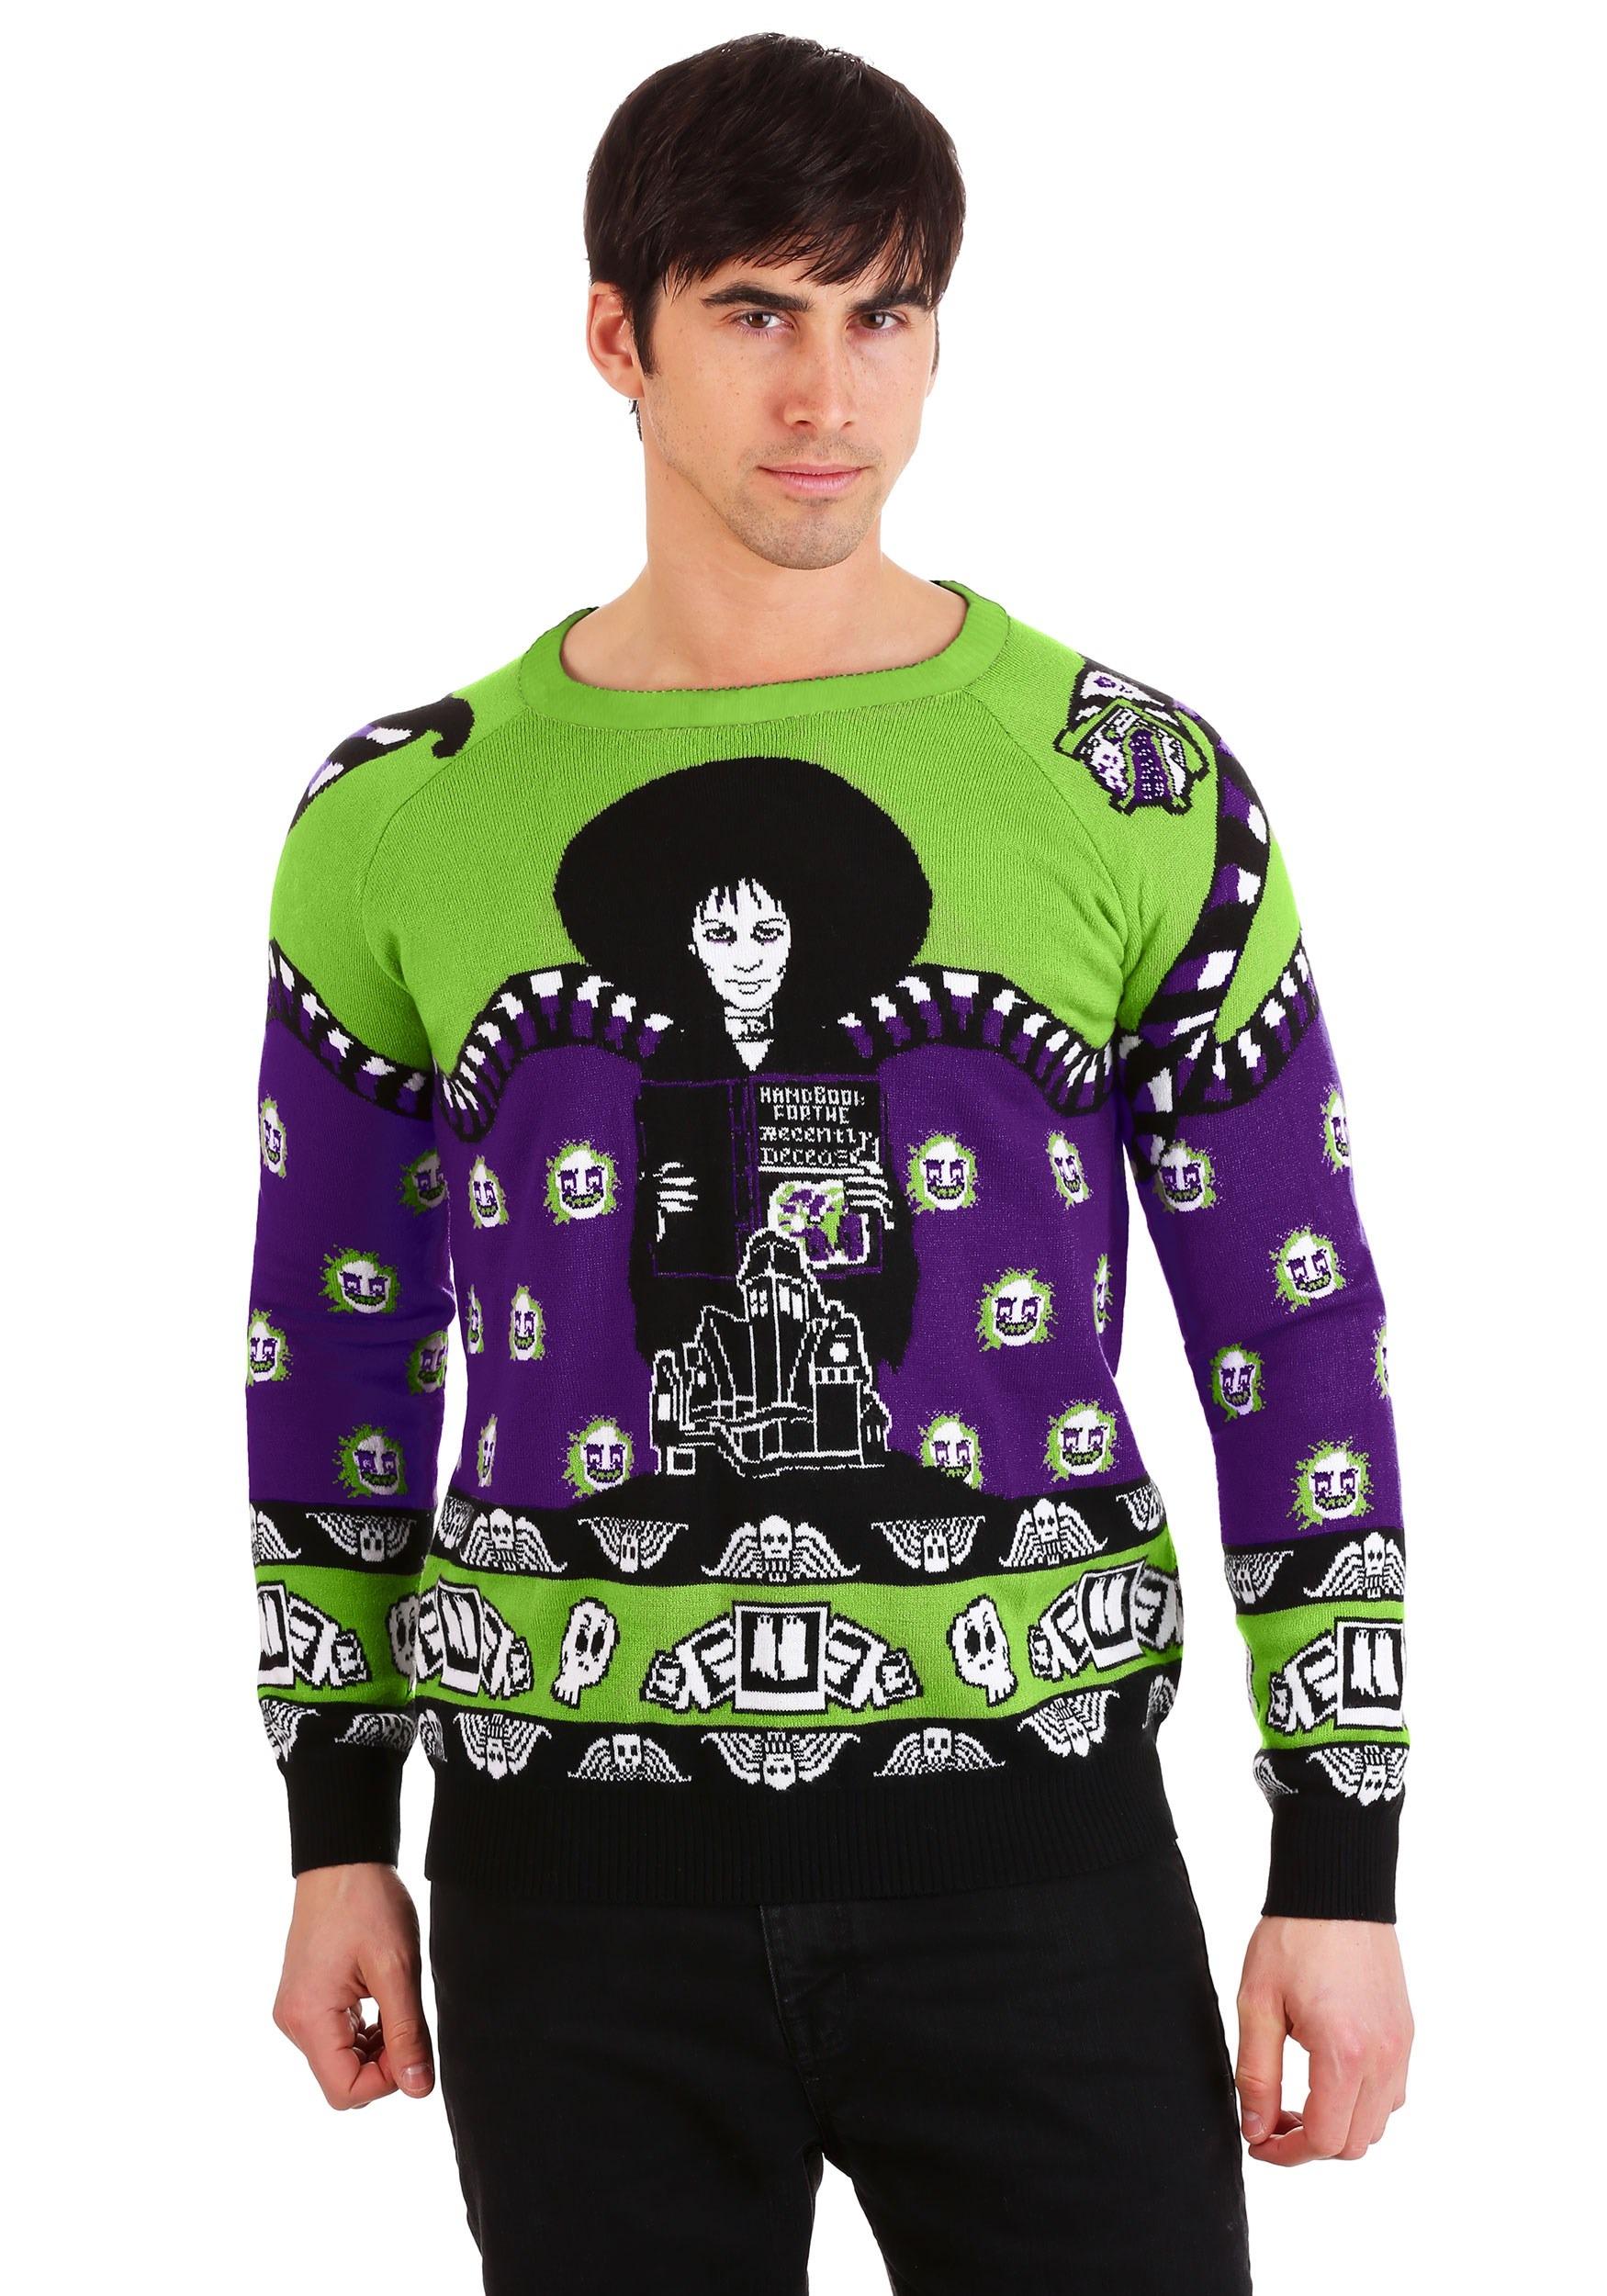 Beetlejuice Lydia Deetz Adult Halloween Sweater